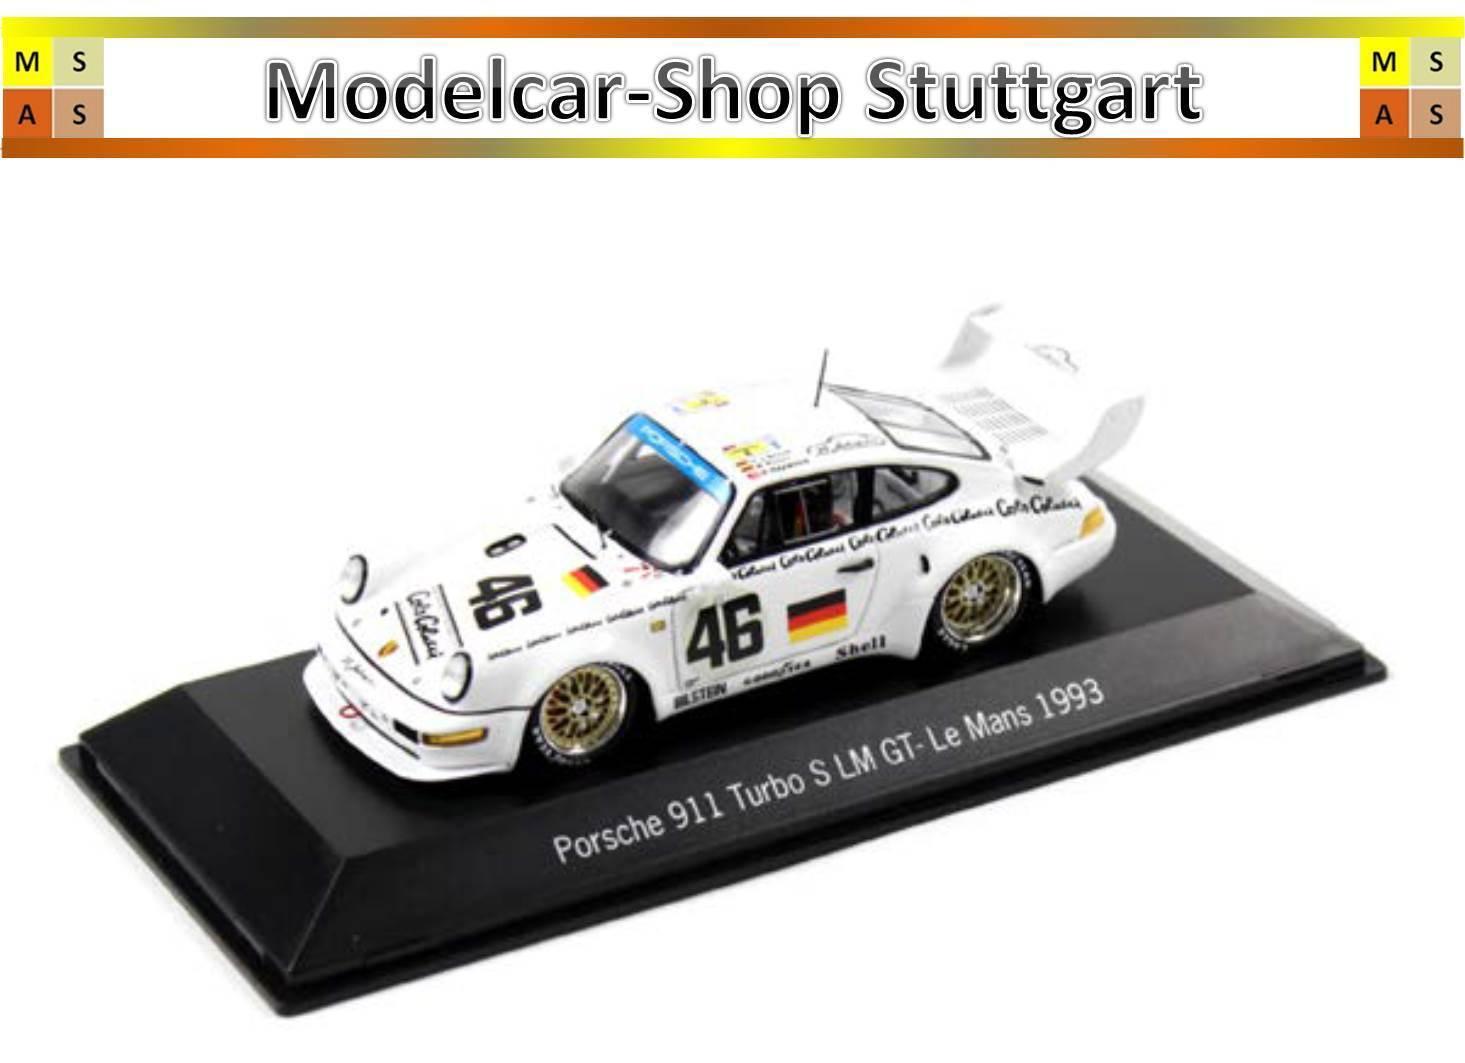 PORSCHE 911 TURBO S #46 LE MANS GT 1993-Spark 1:43 - map02020417-nuovo di fabbrica